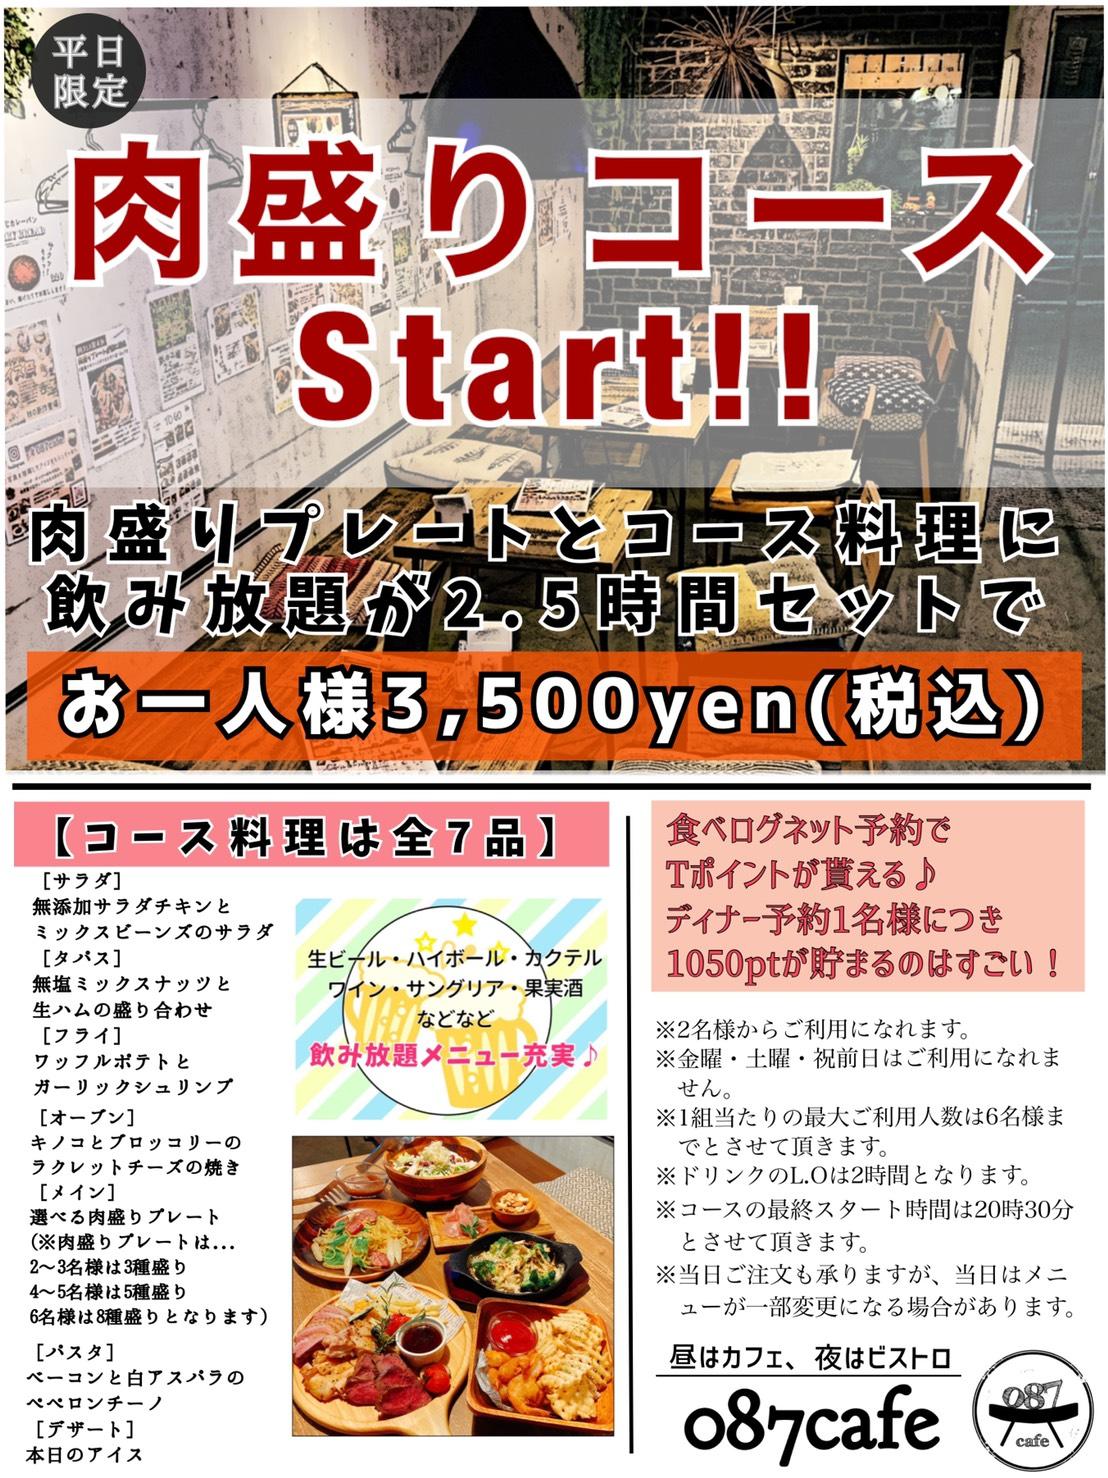 087cafeの肉盛りコース